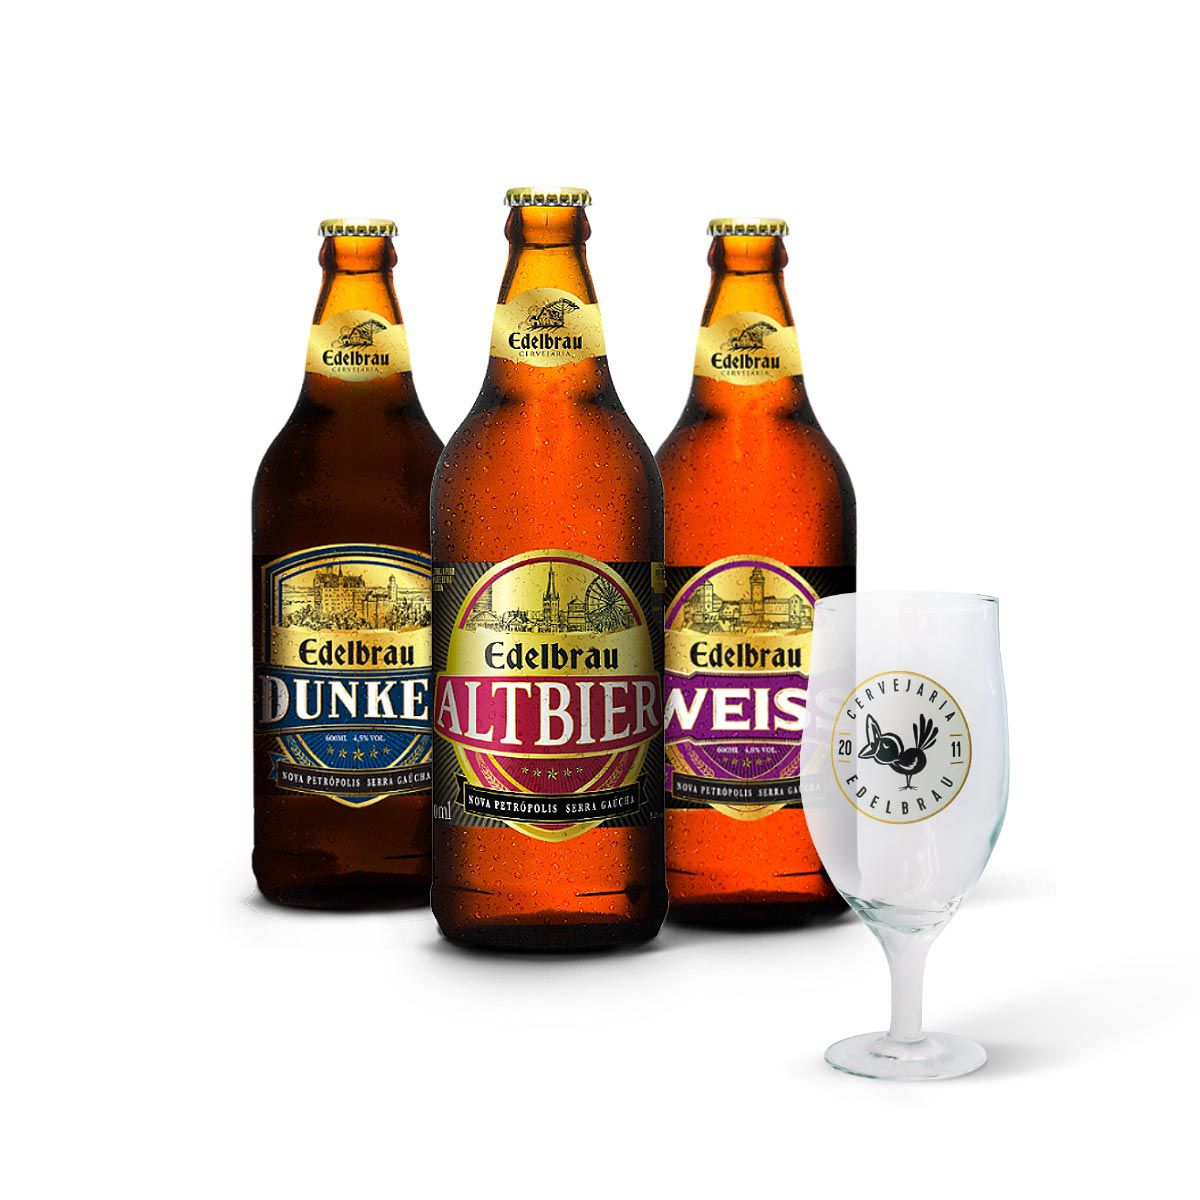 Kit degustação Edelbrau 3 cervejas + copo Edelbrau Windsor